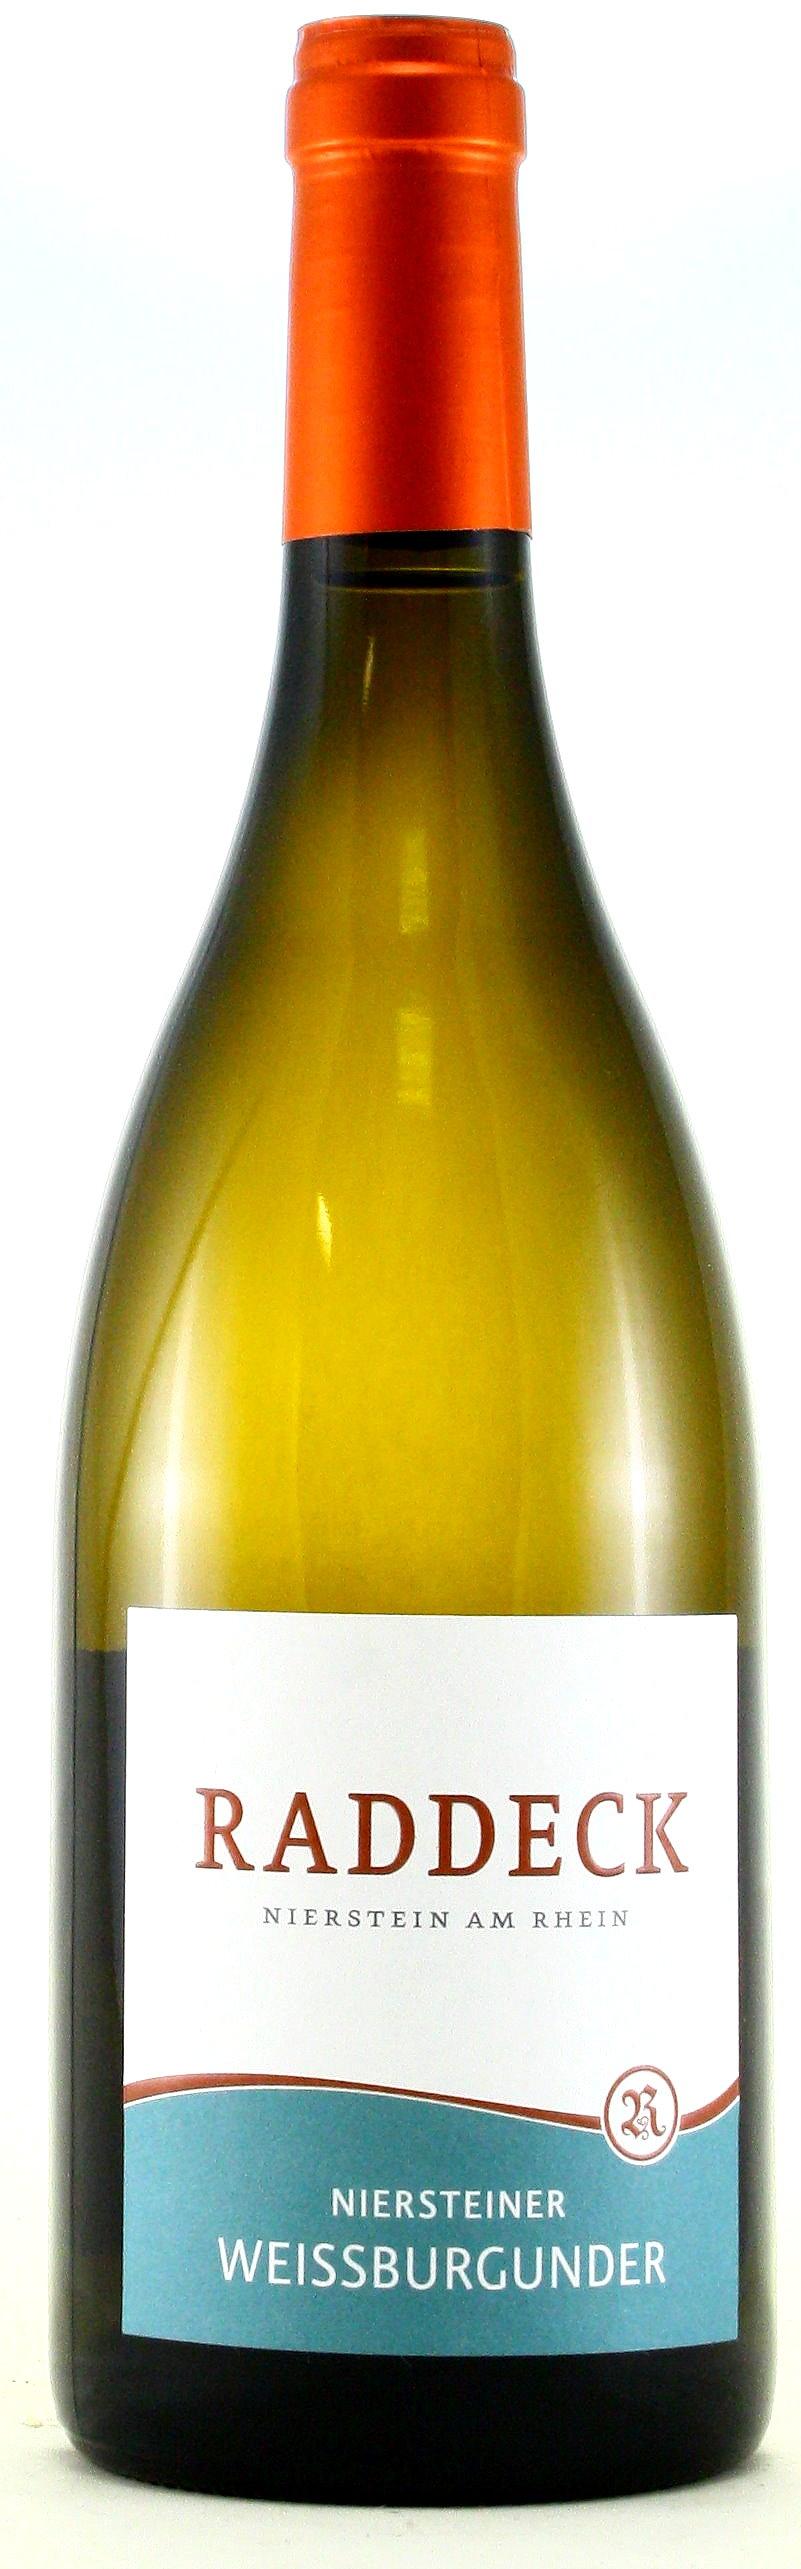 Niersteiner Weißburgunder, trocken, Weingut Raddeck